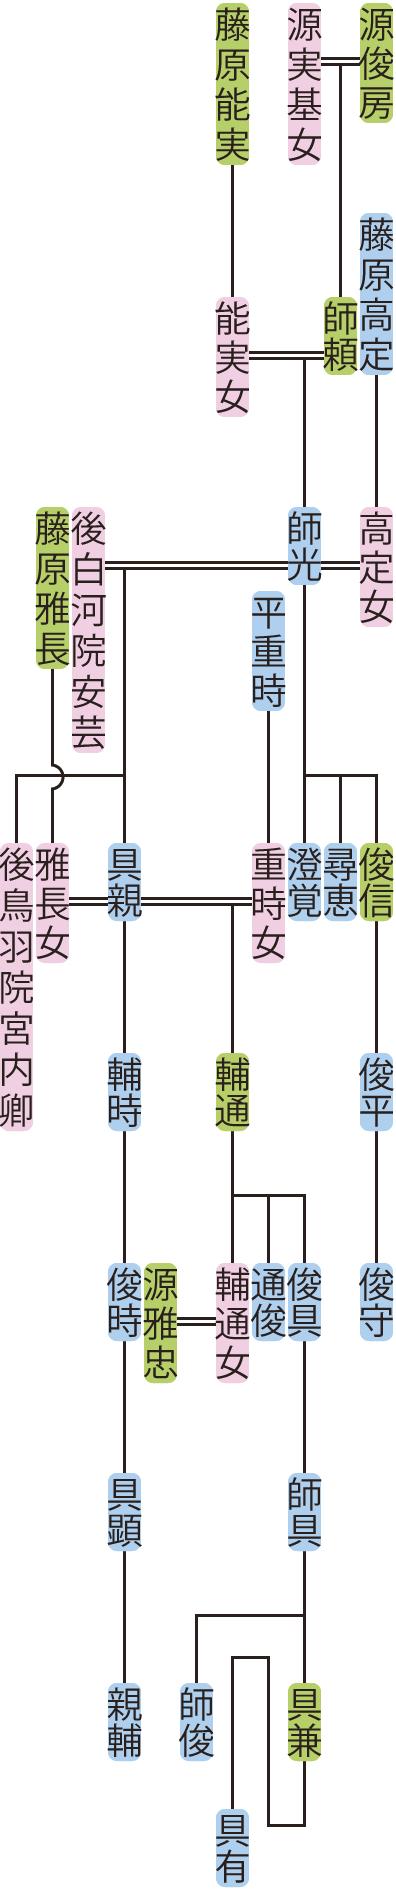 源師光の系図